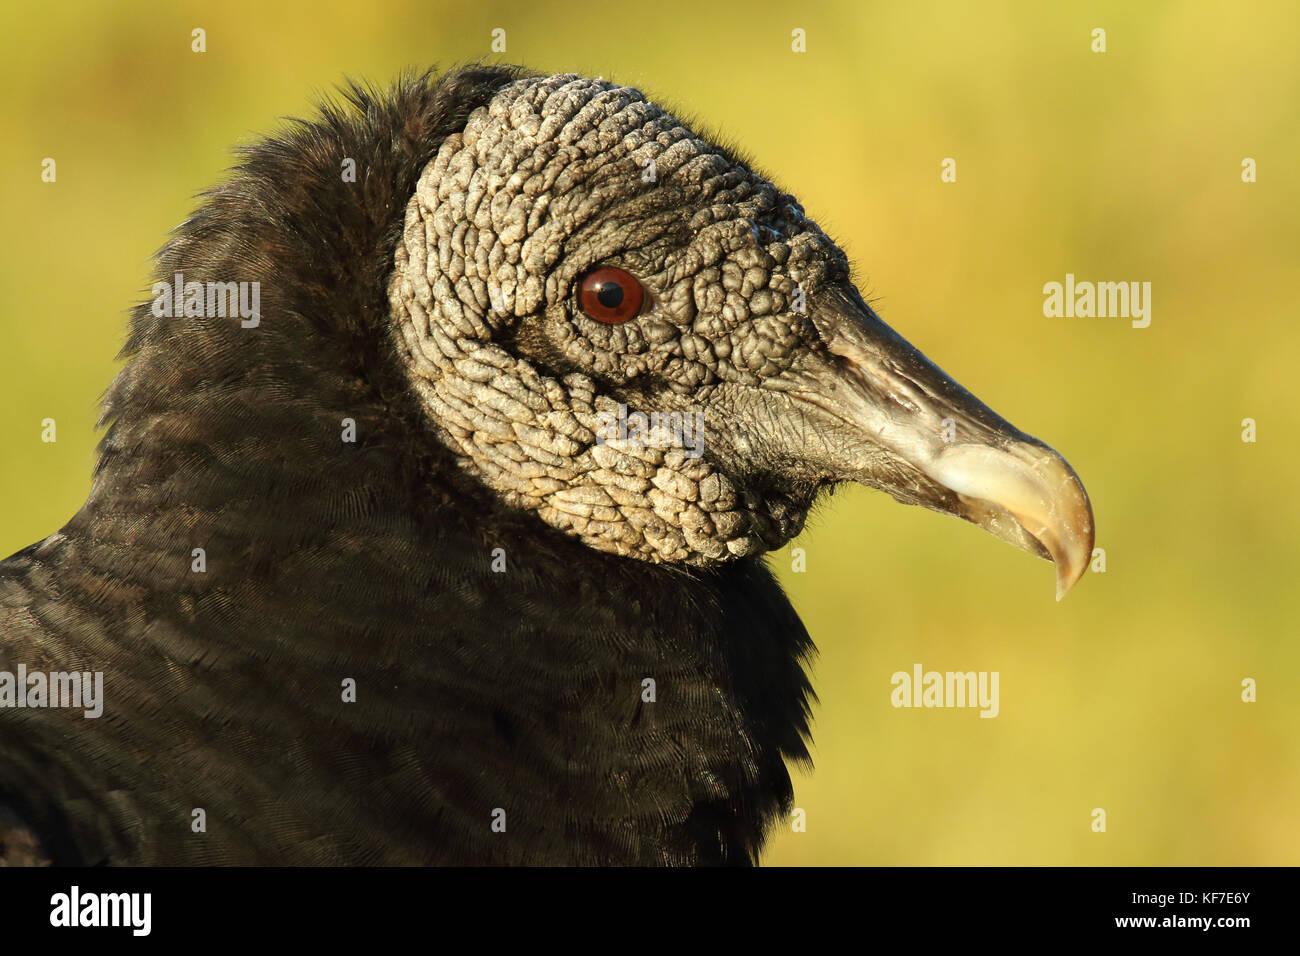 Un portrait d'un vautour noir dans les Everglades de Floride. Photo Stock